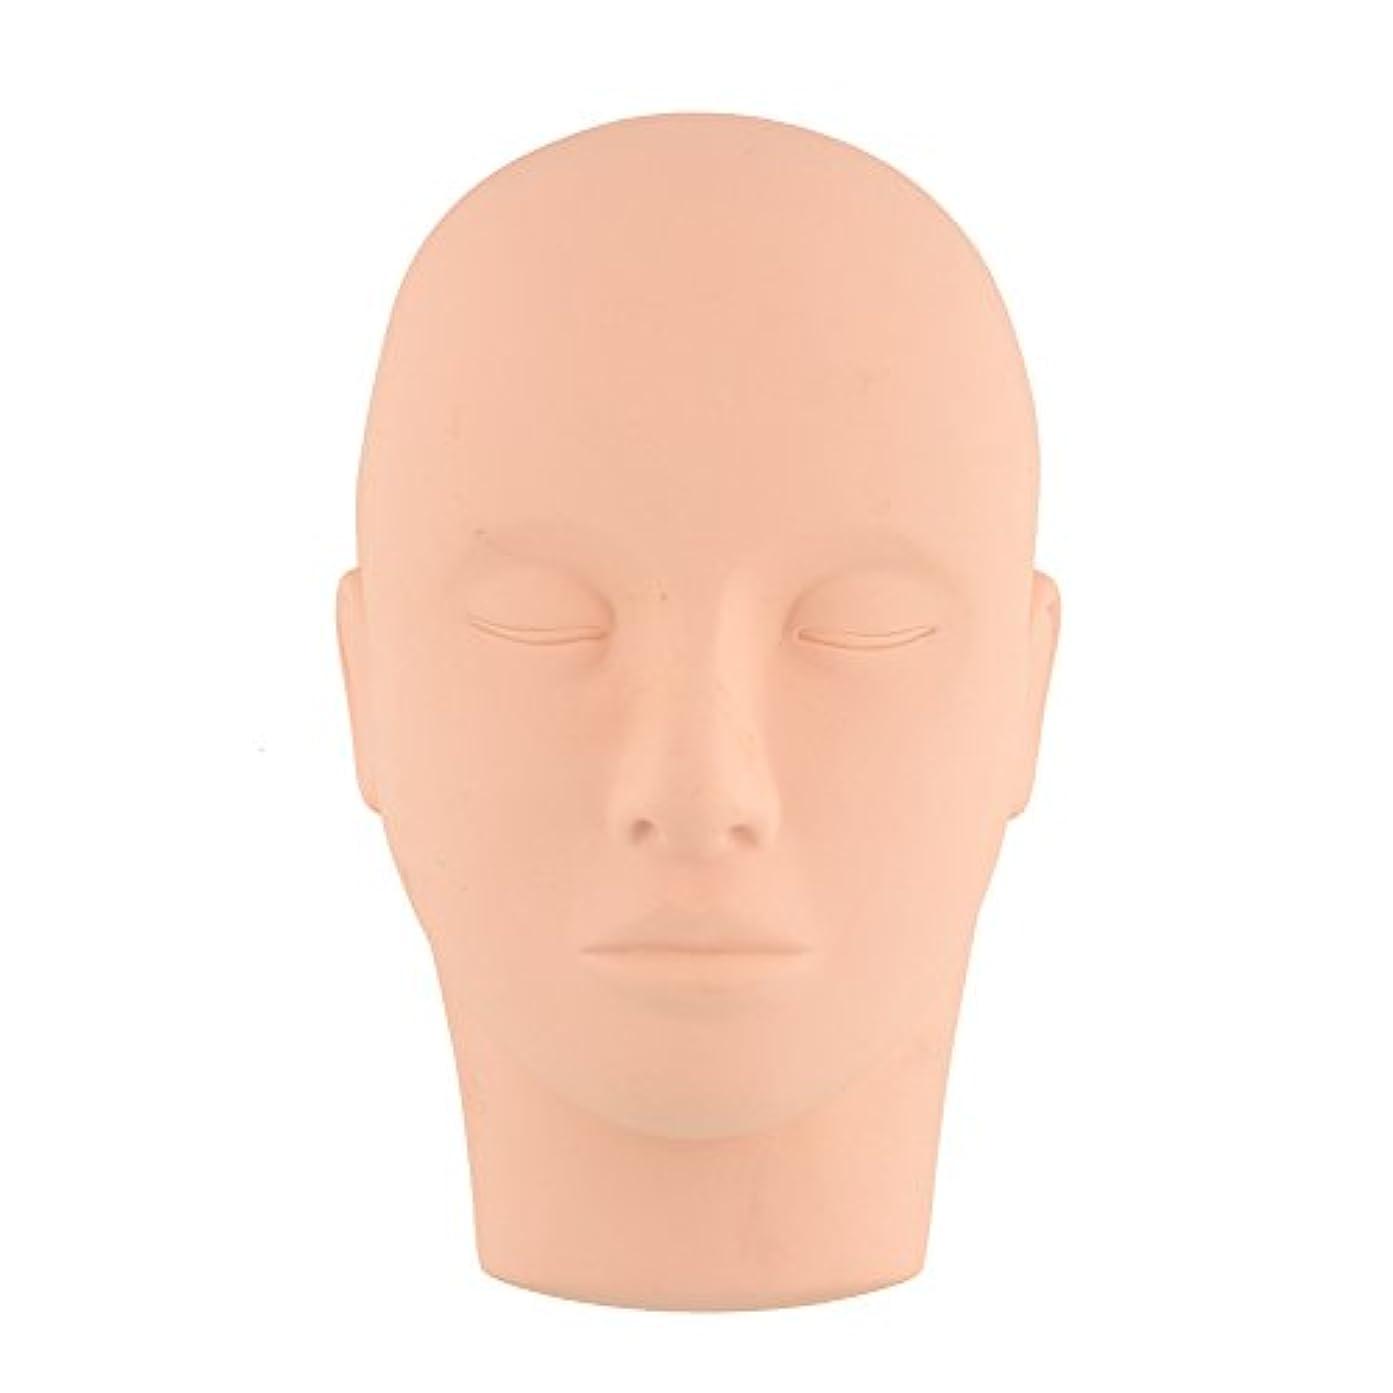 Kicode ビューティートレーニング マネキンは練習をメイクアップ フラットヘッド瞳の偽まつげ マネキンマネキンヘッド